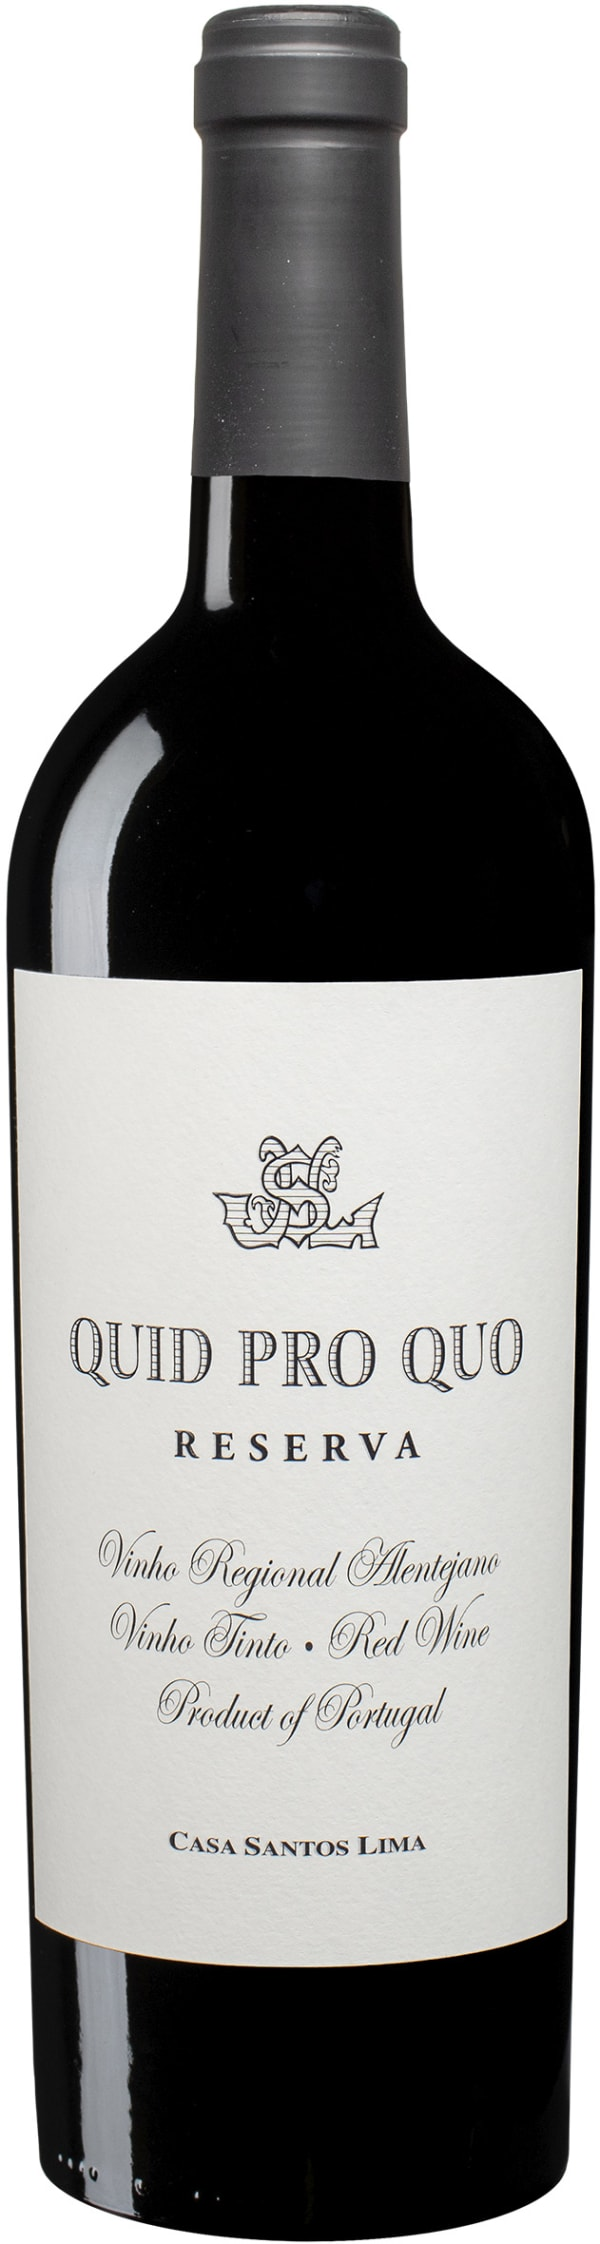 Quid Pro Quo Reserva Tinto 2017